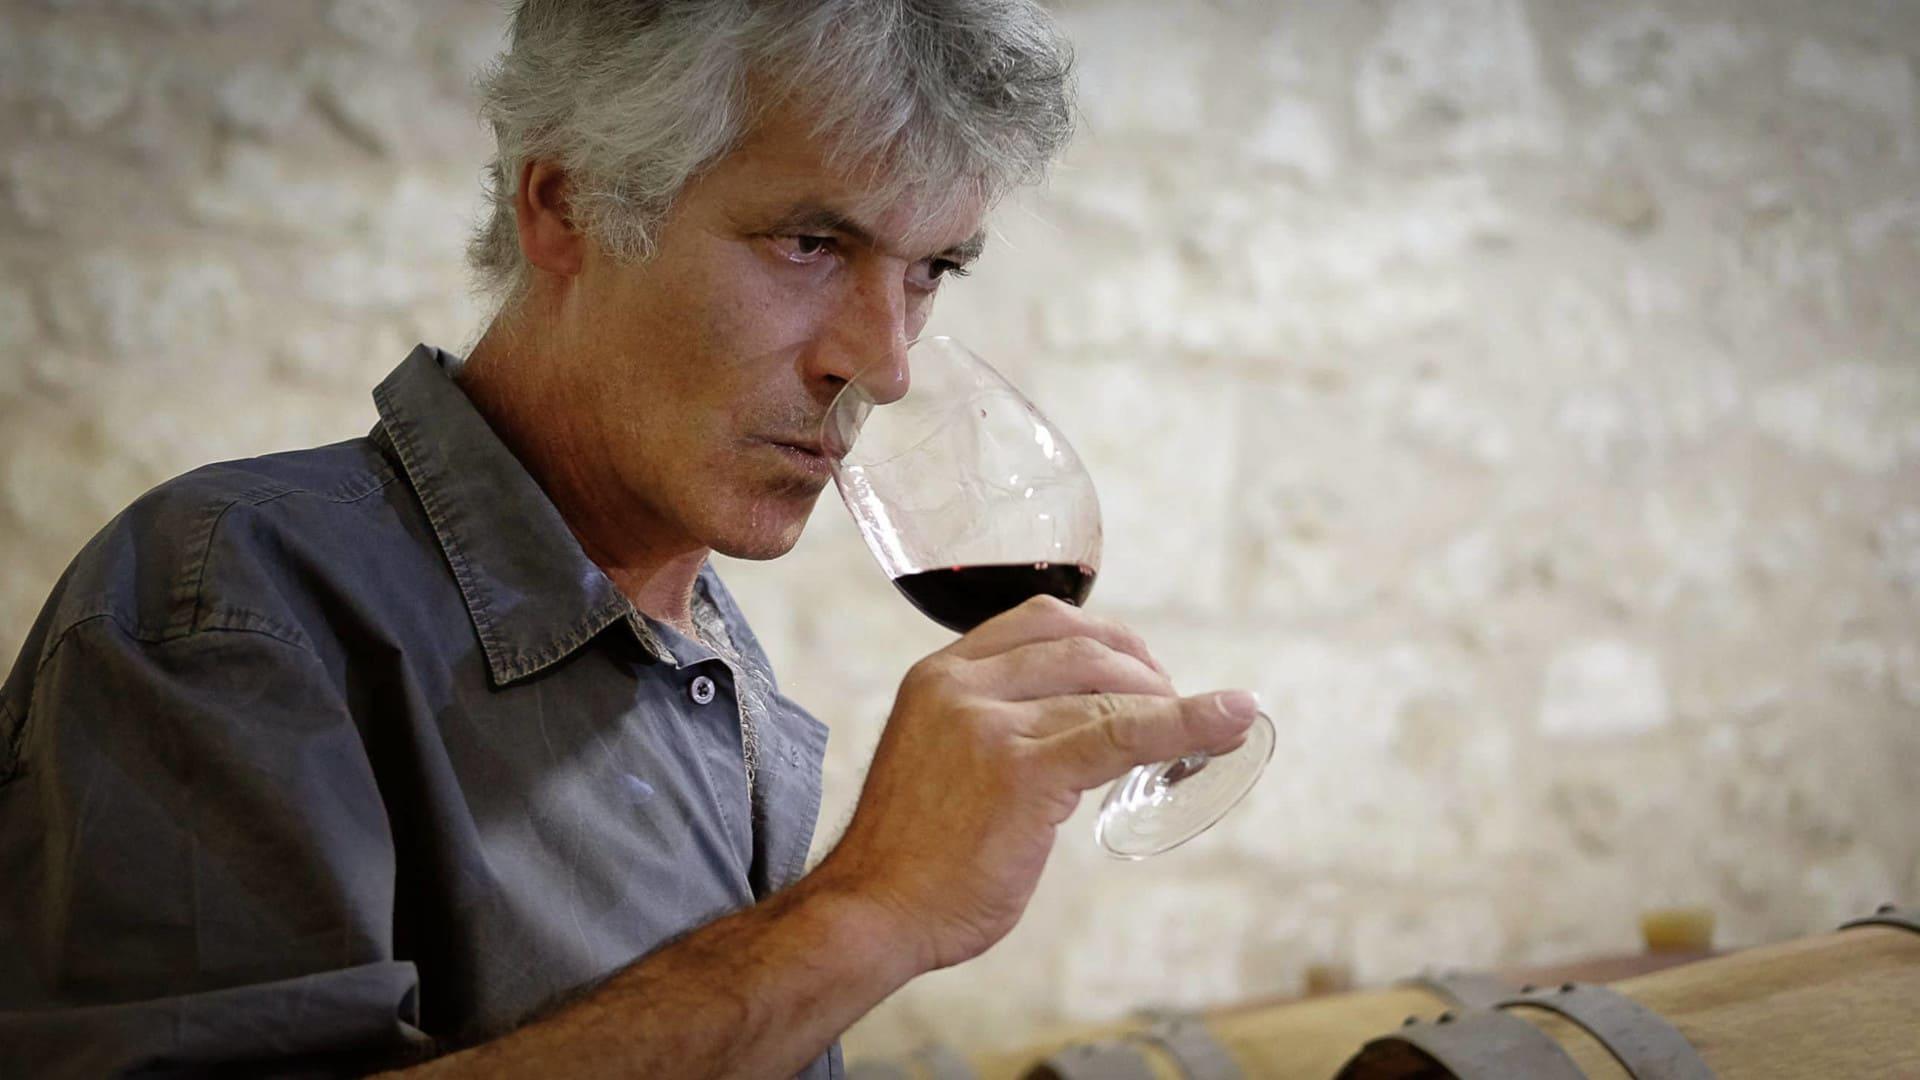 Olivier dégustant du vin